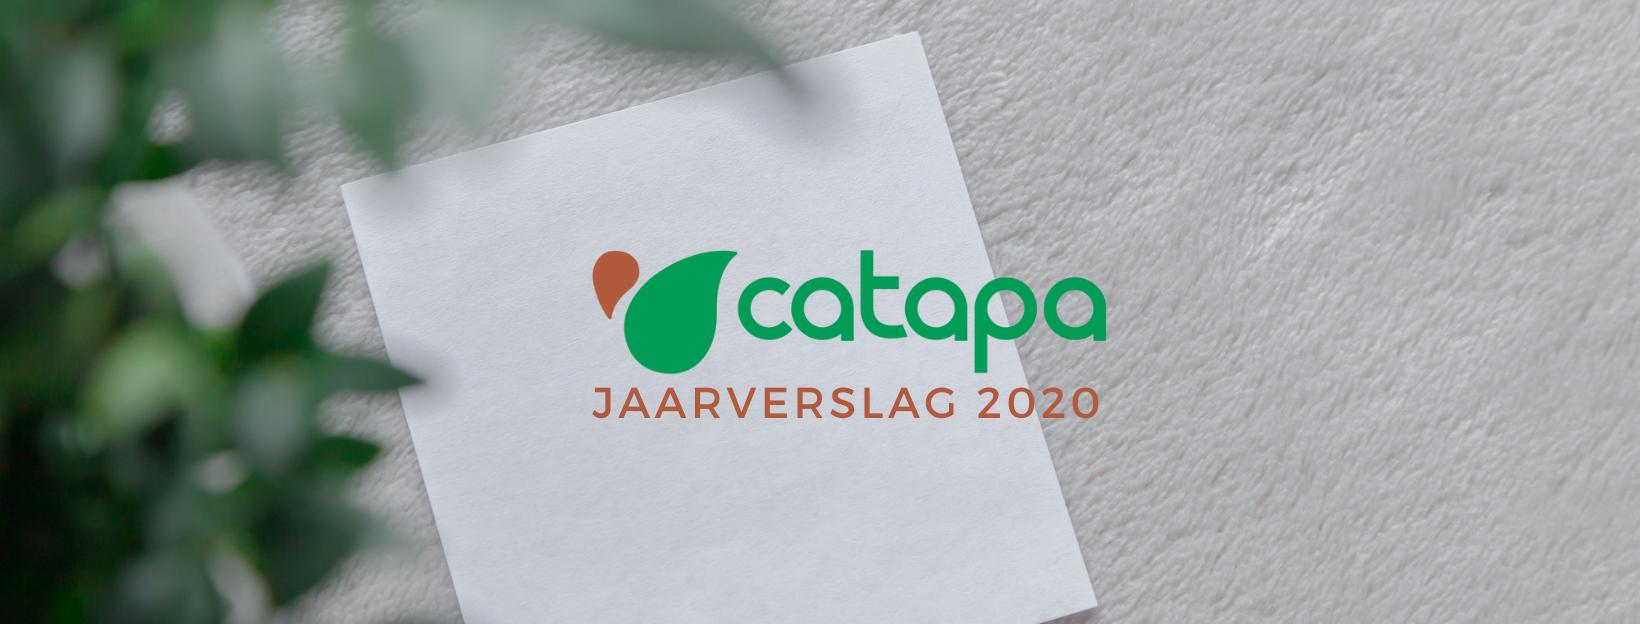 Catapa jaarverslag 2020